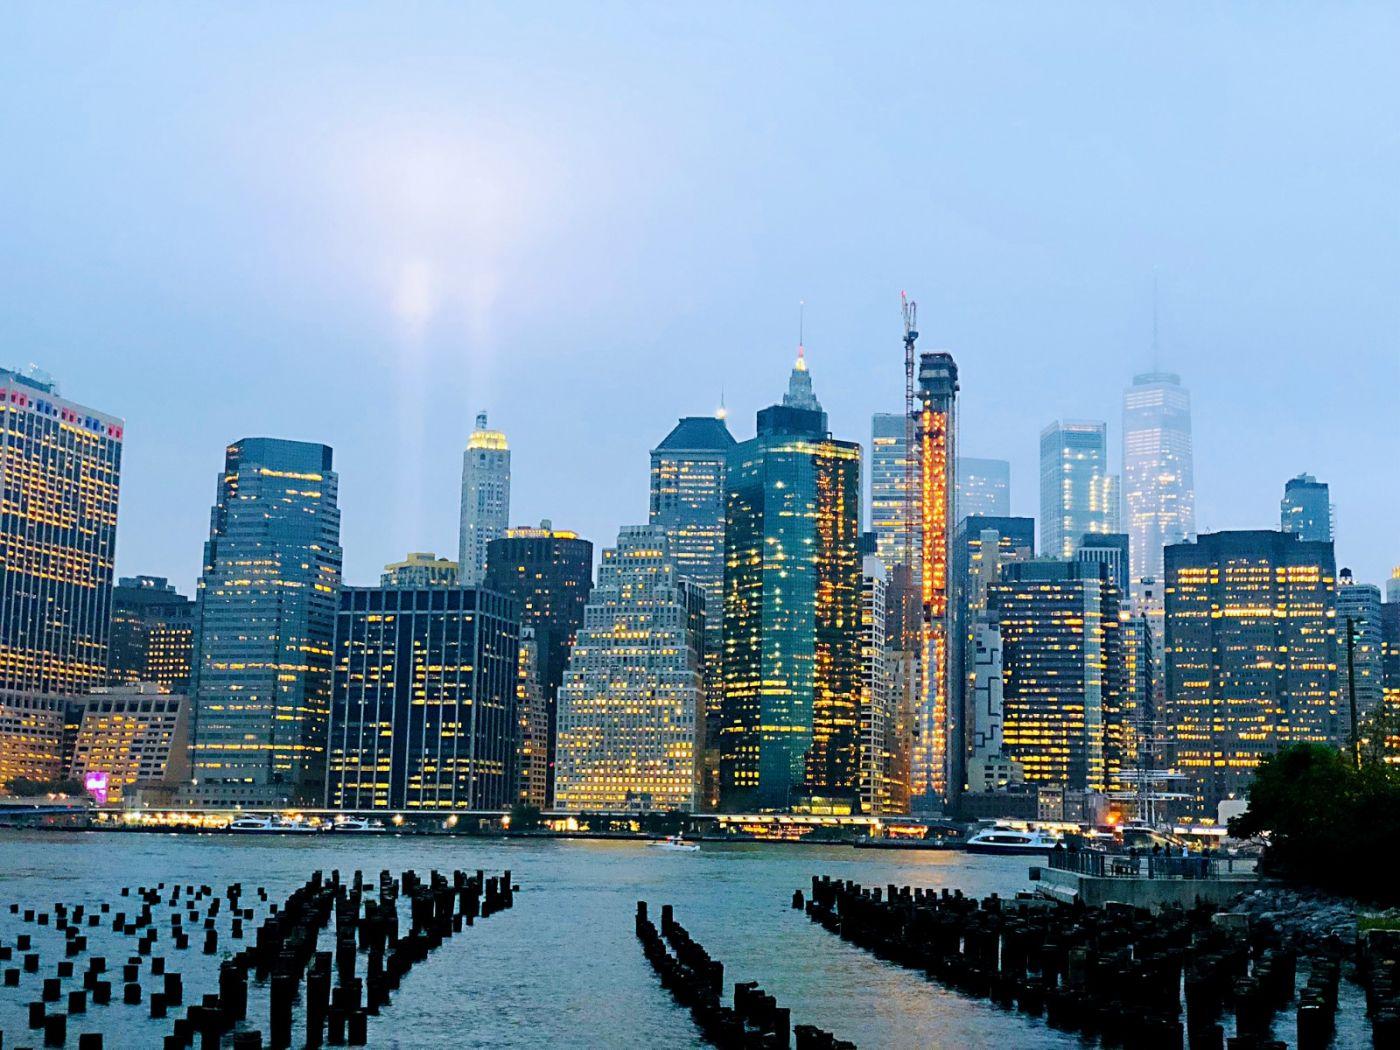 【田螺手机摄影】拍摄灯柱纪念911恐襲17周年_图1-15